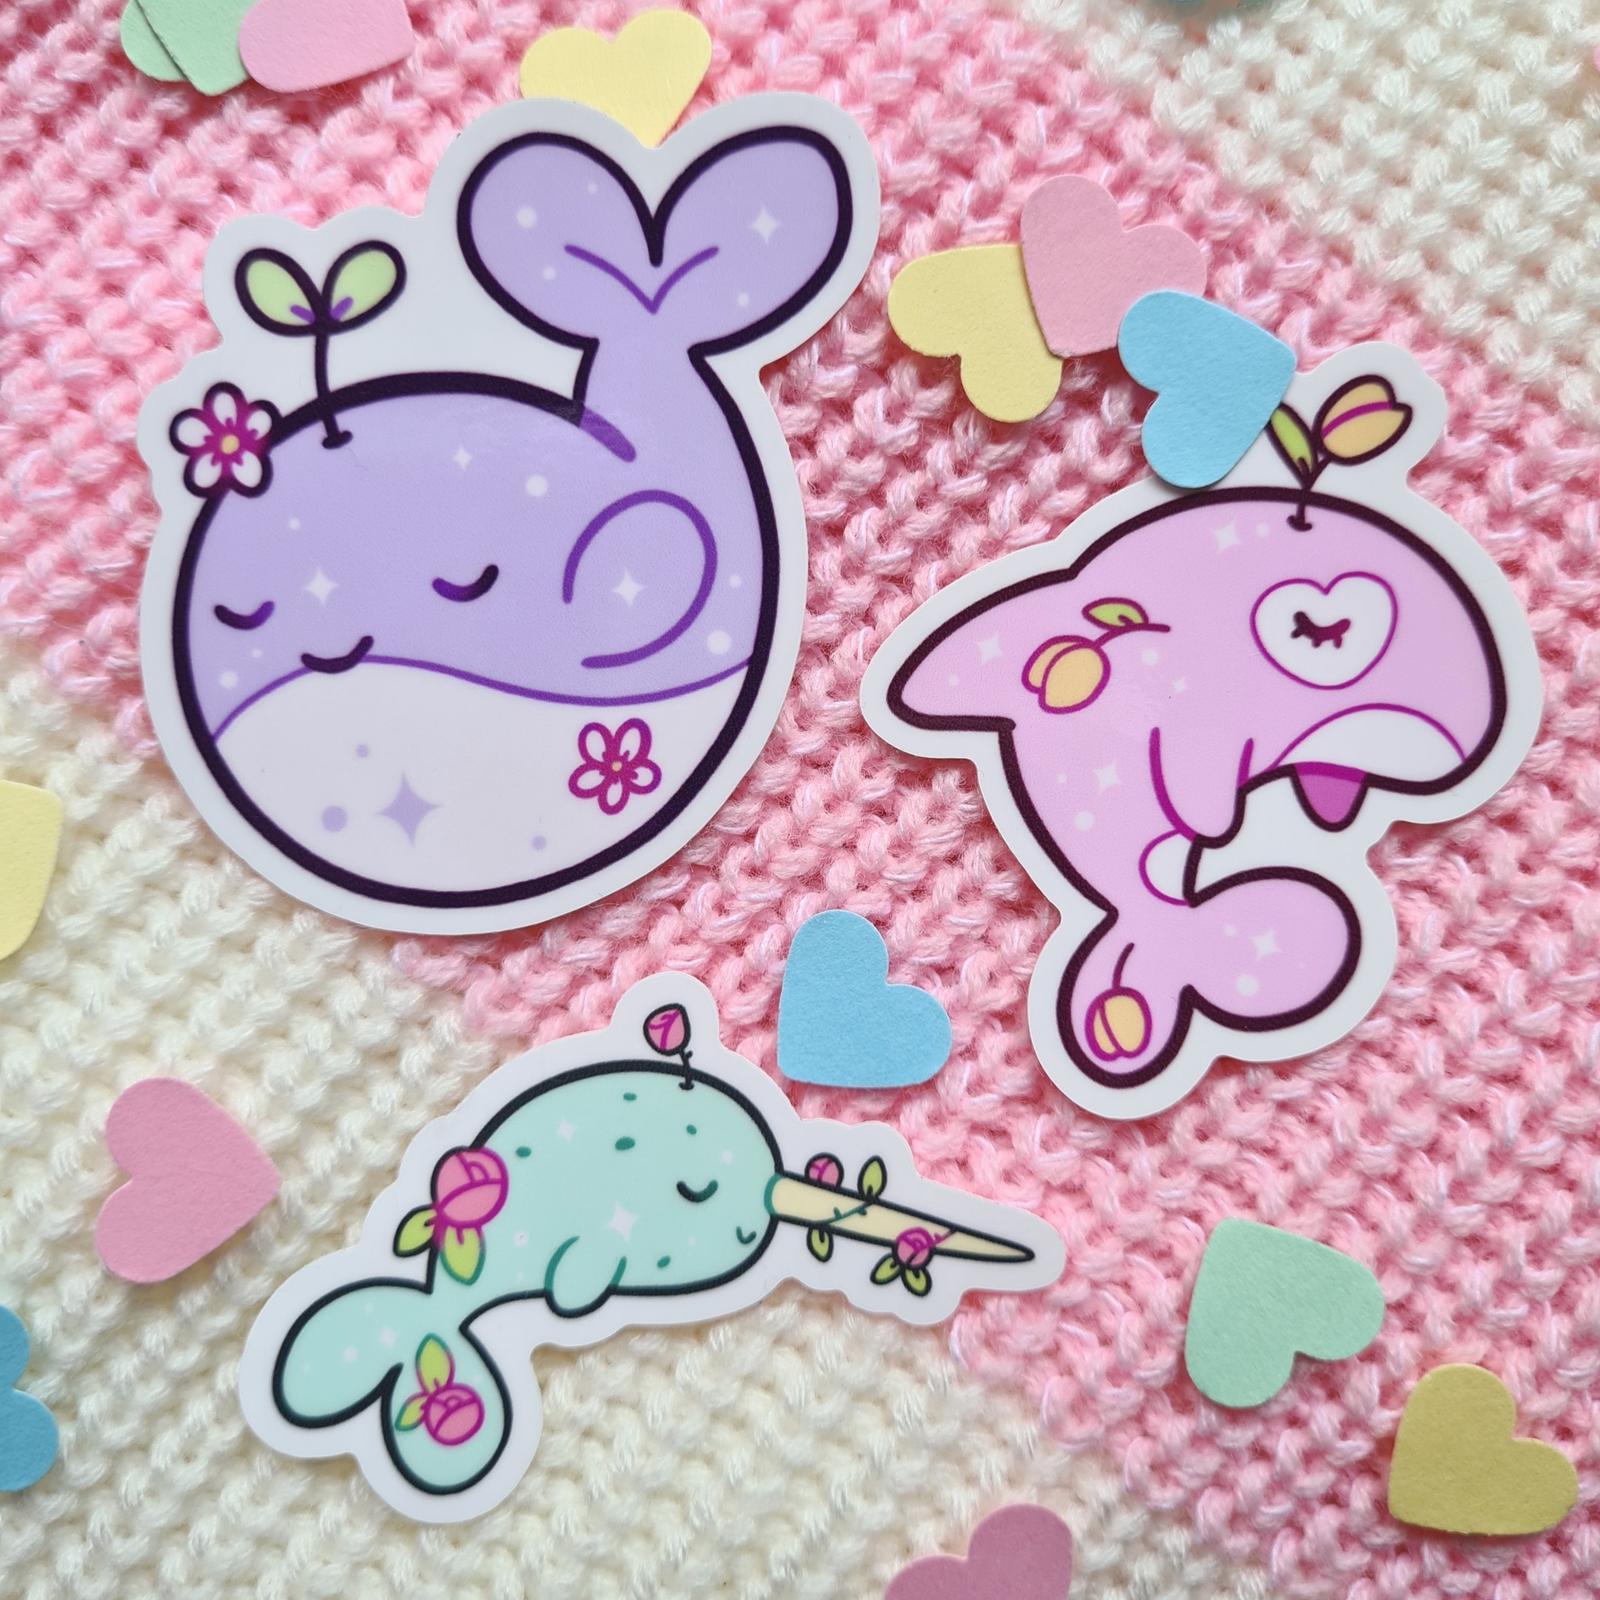 Floral whale vinyl sticker set